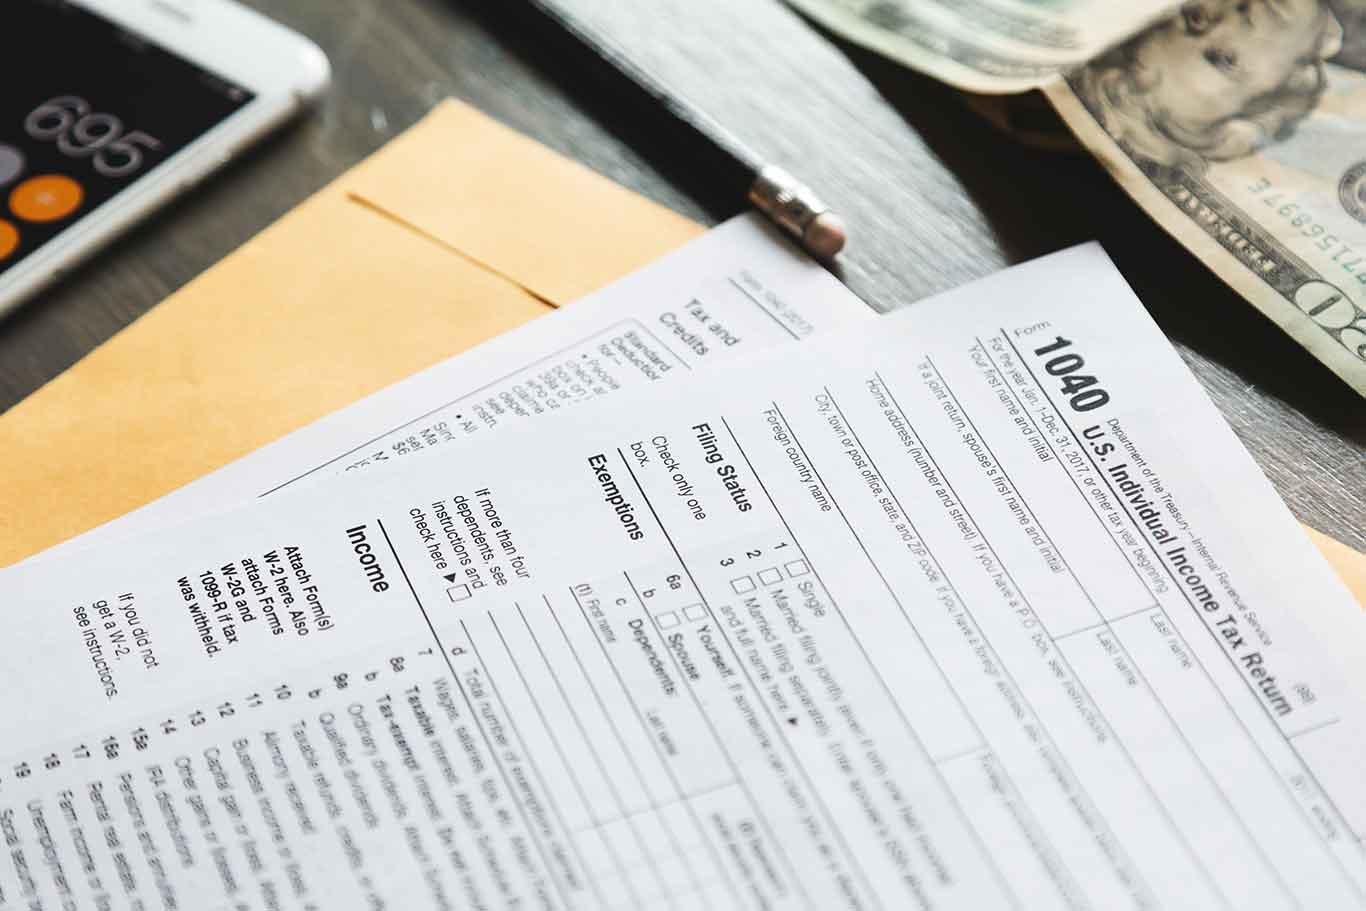 Wwft verzekeringsmaatschappijen tax